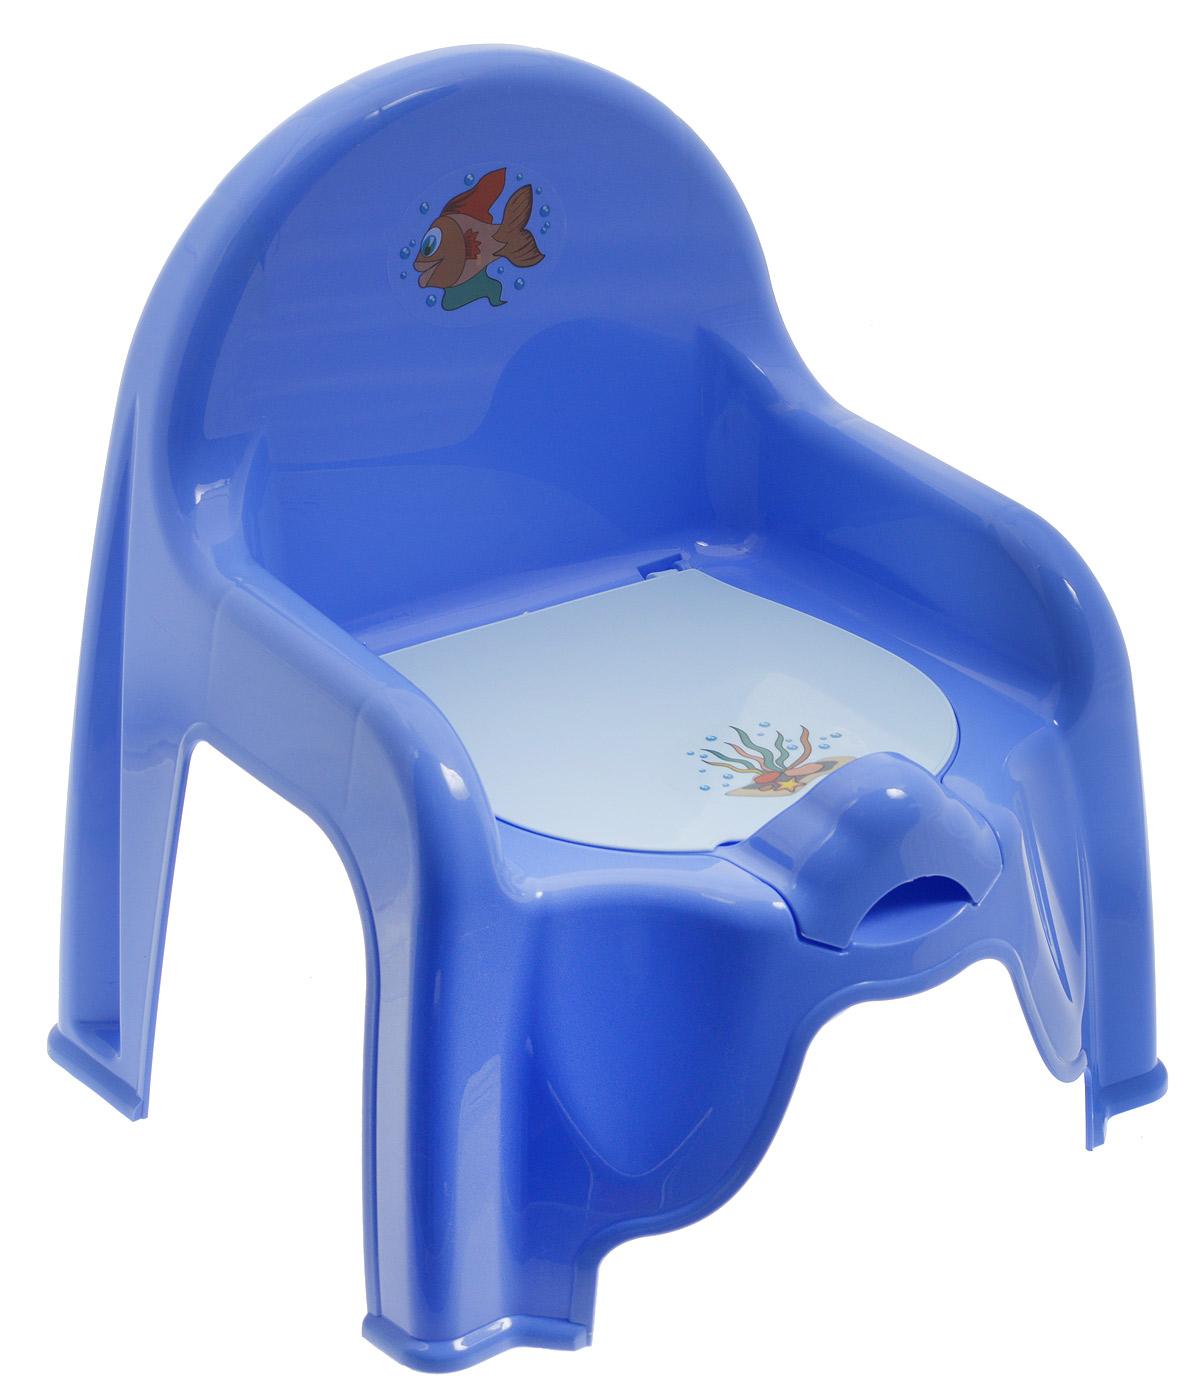 Idea (М-пластика) Idea Горшок-стульчик детский с крышкой цвет сиреневый М 2596_сиреневый